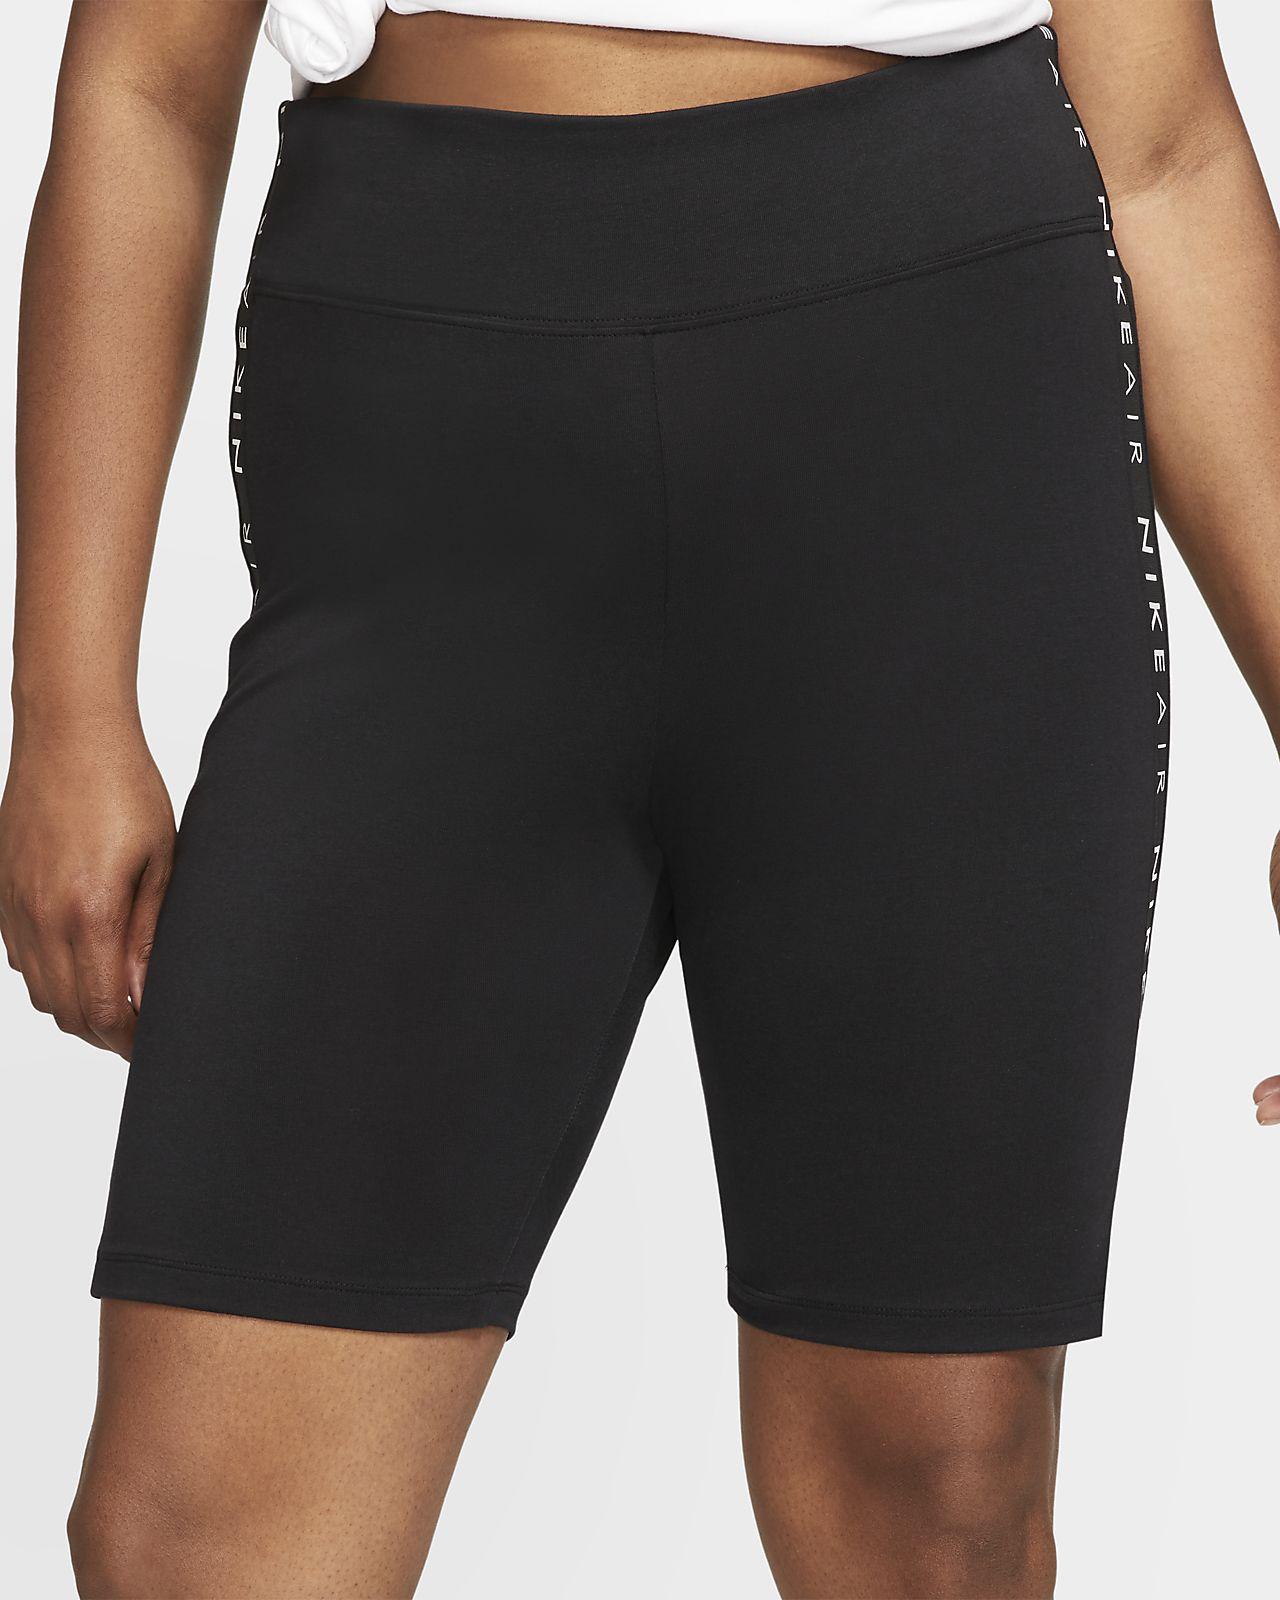 nouvelle arrivee 3b907 5121f Short Nike Air pour Femme (grande taille)